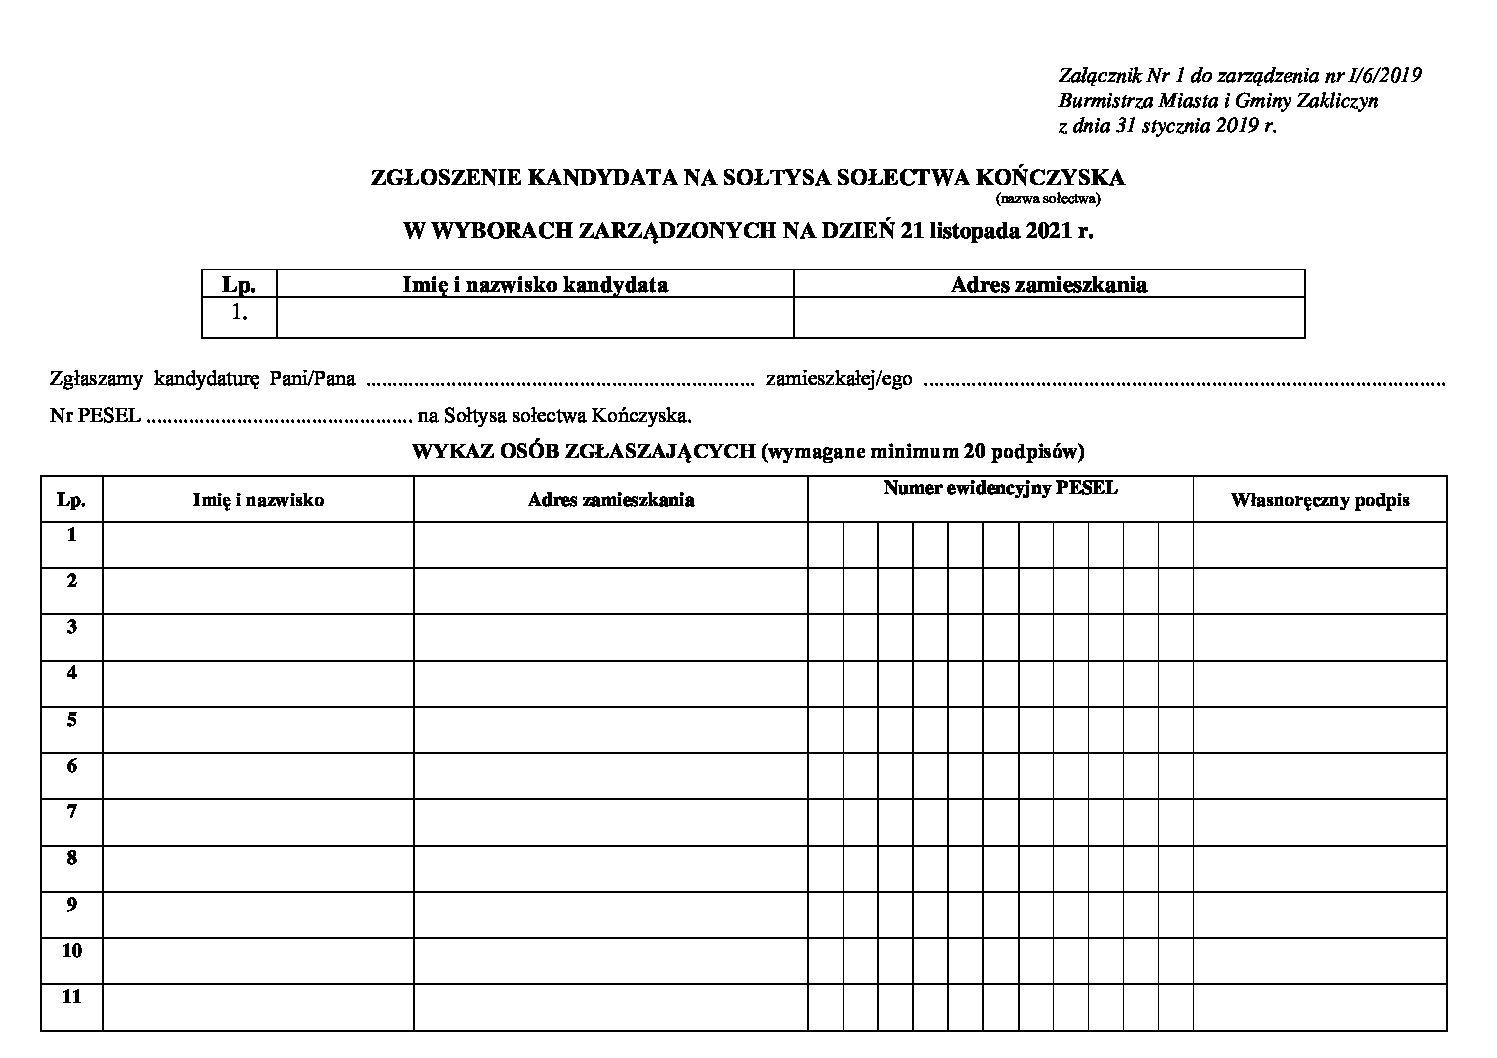 Ogłoszenie wyborów uzupełniających Sołtysa Kończysk